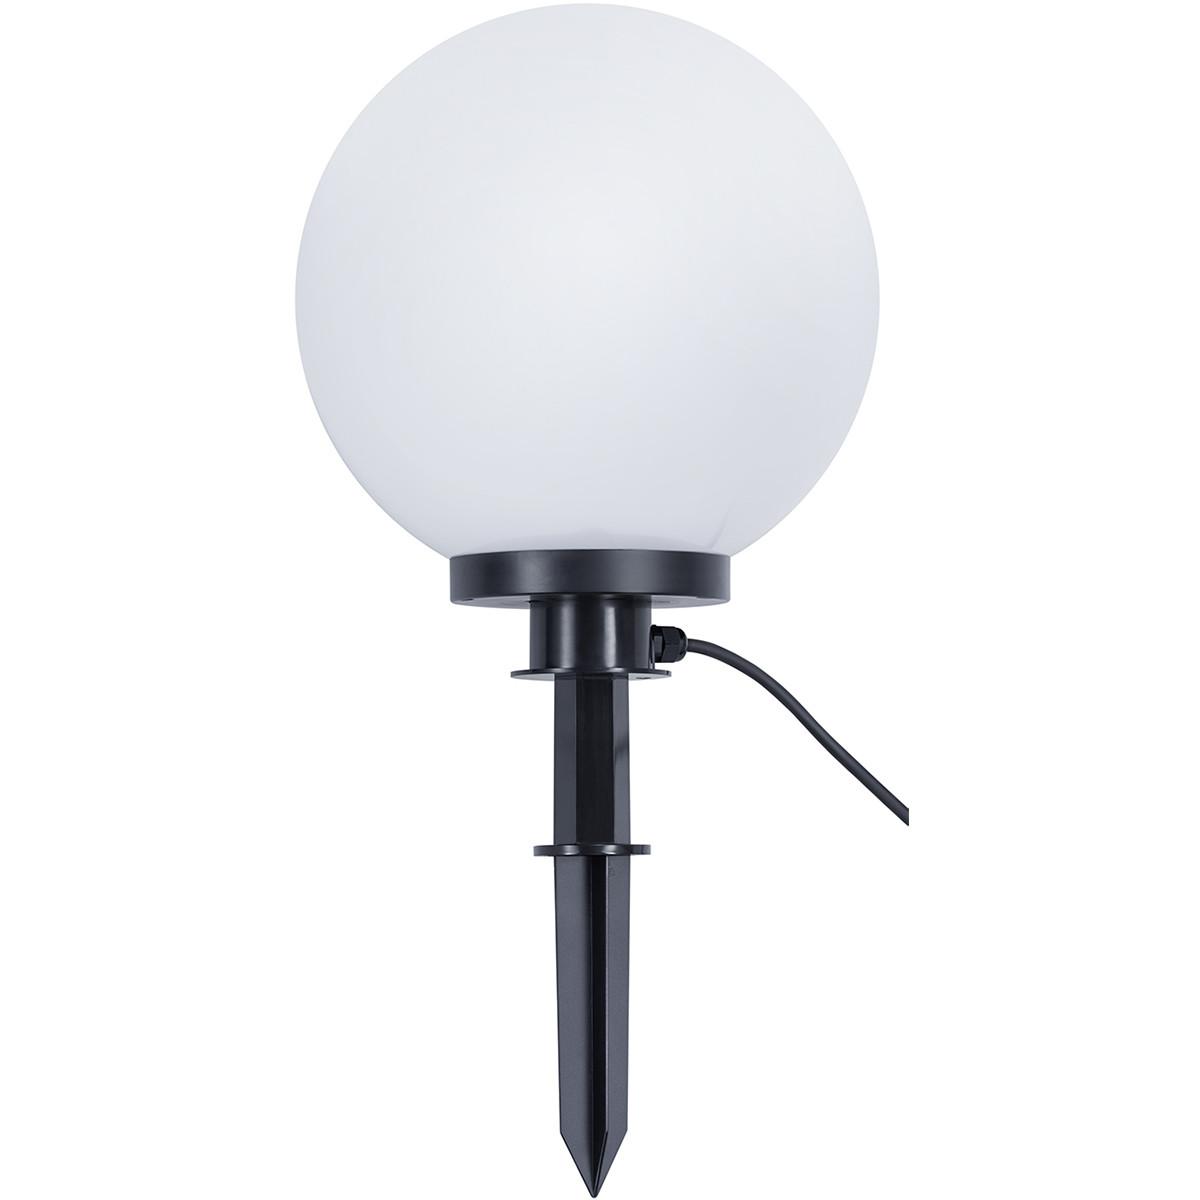 LED Priklamp met Stekker - Trion Balino - E27 Fitting - Mat Zwart - Kunststof - Ø300